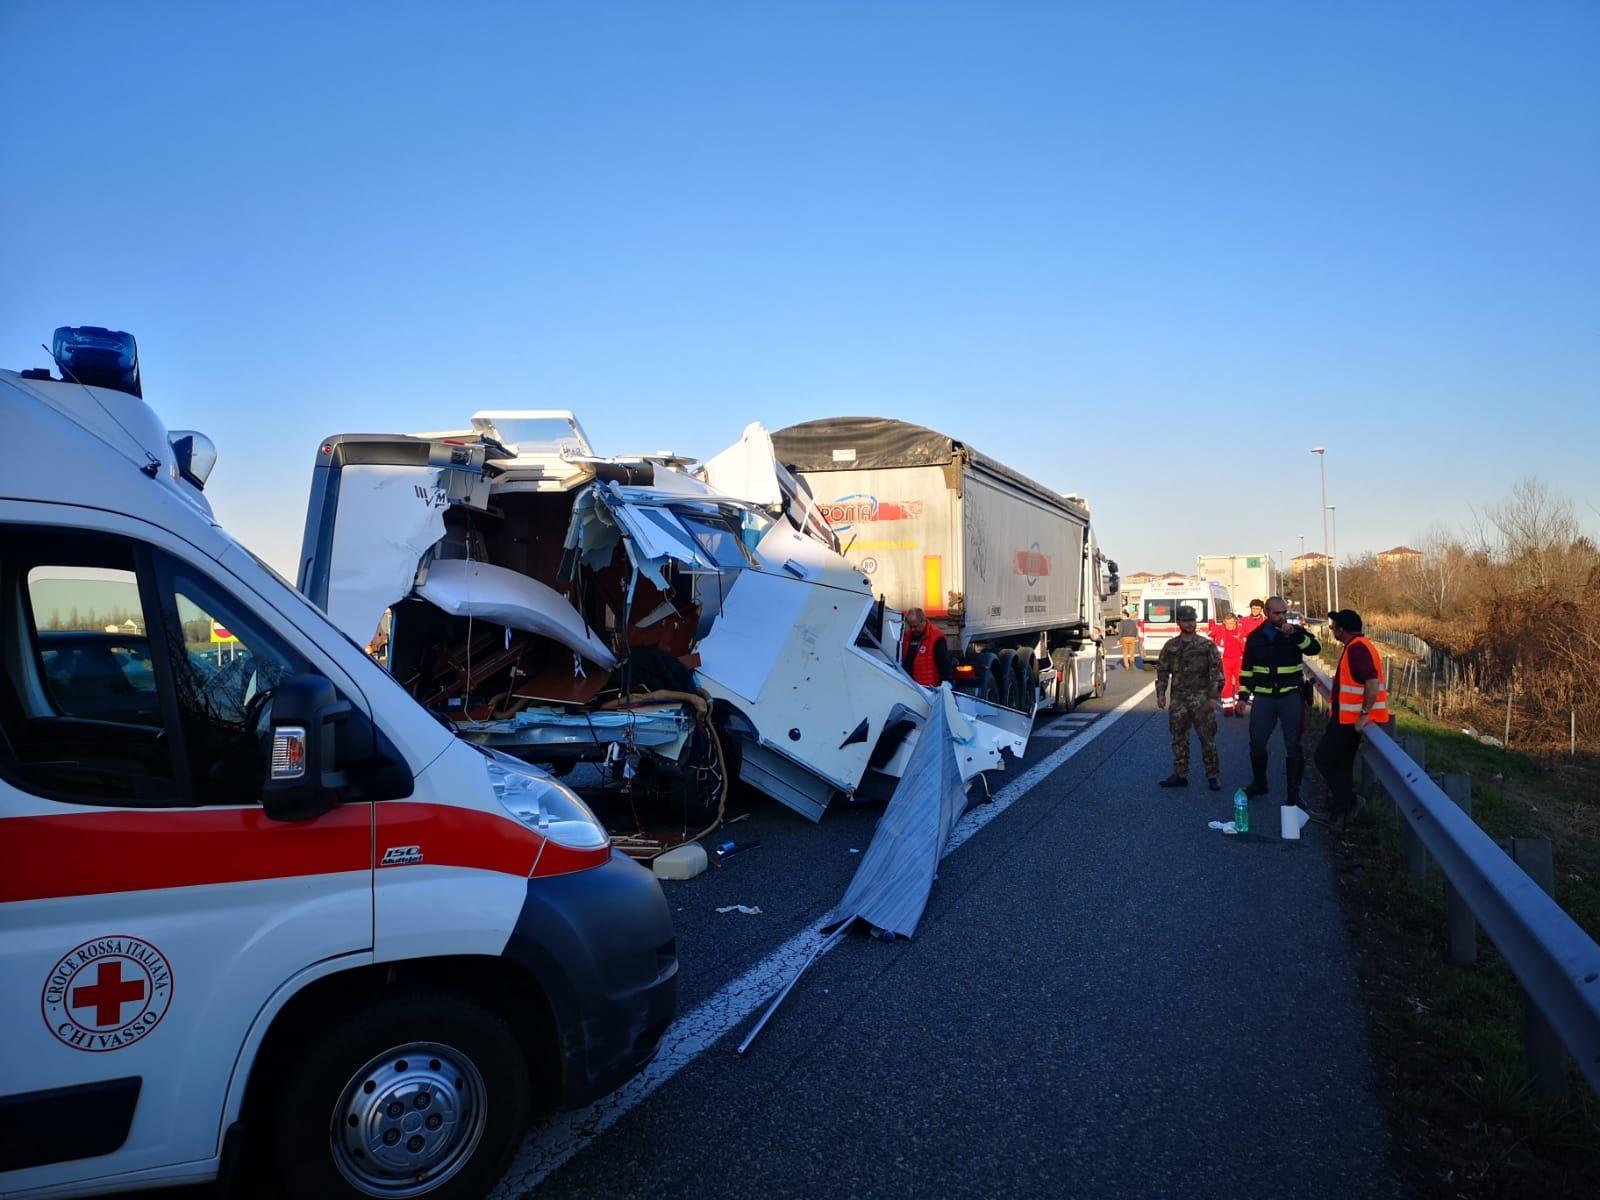 TANGENZIALE TORINO - Spaventoso incidente all'uscita di Caselle: camper finisce sotto un camion - FOTO